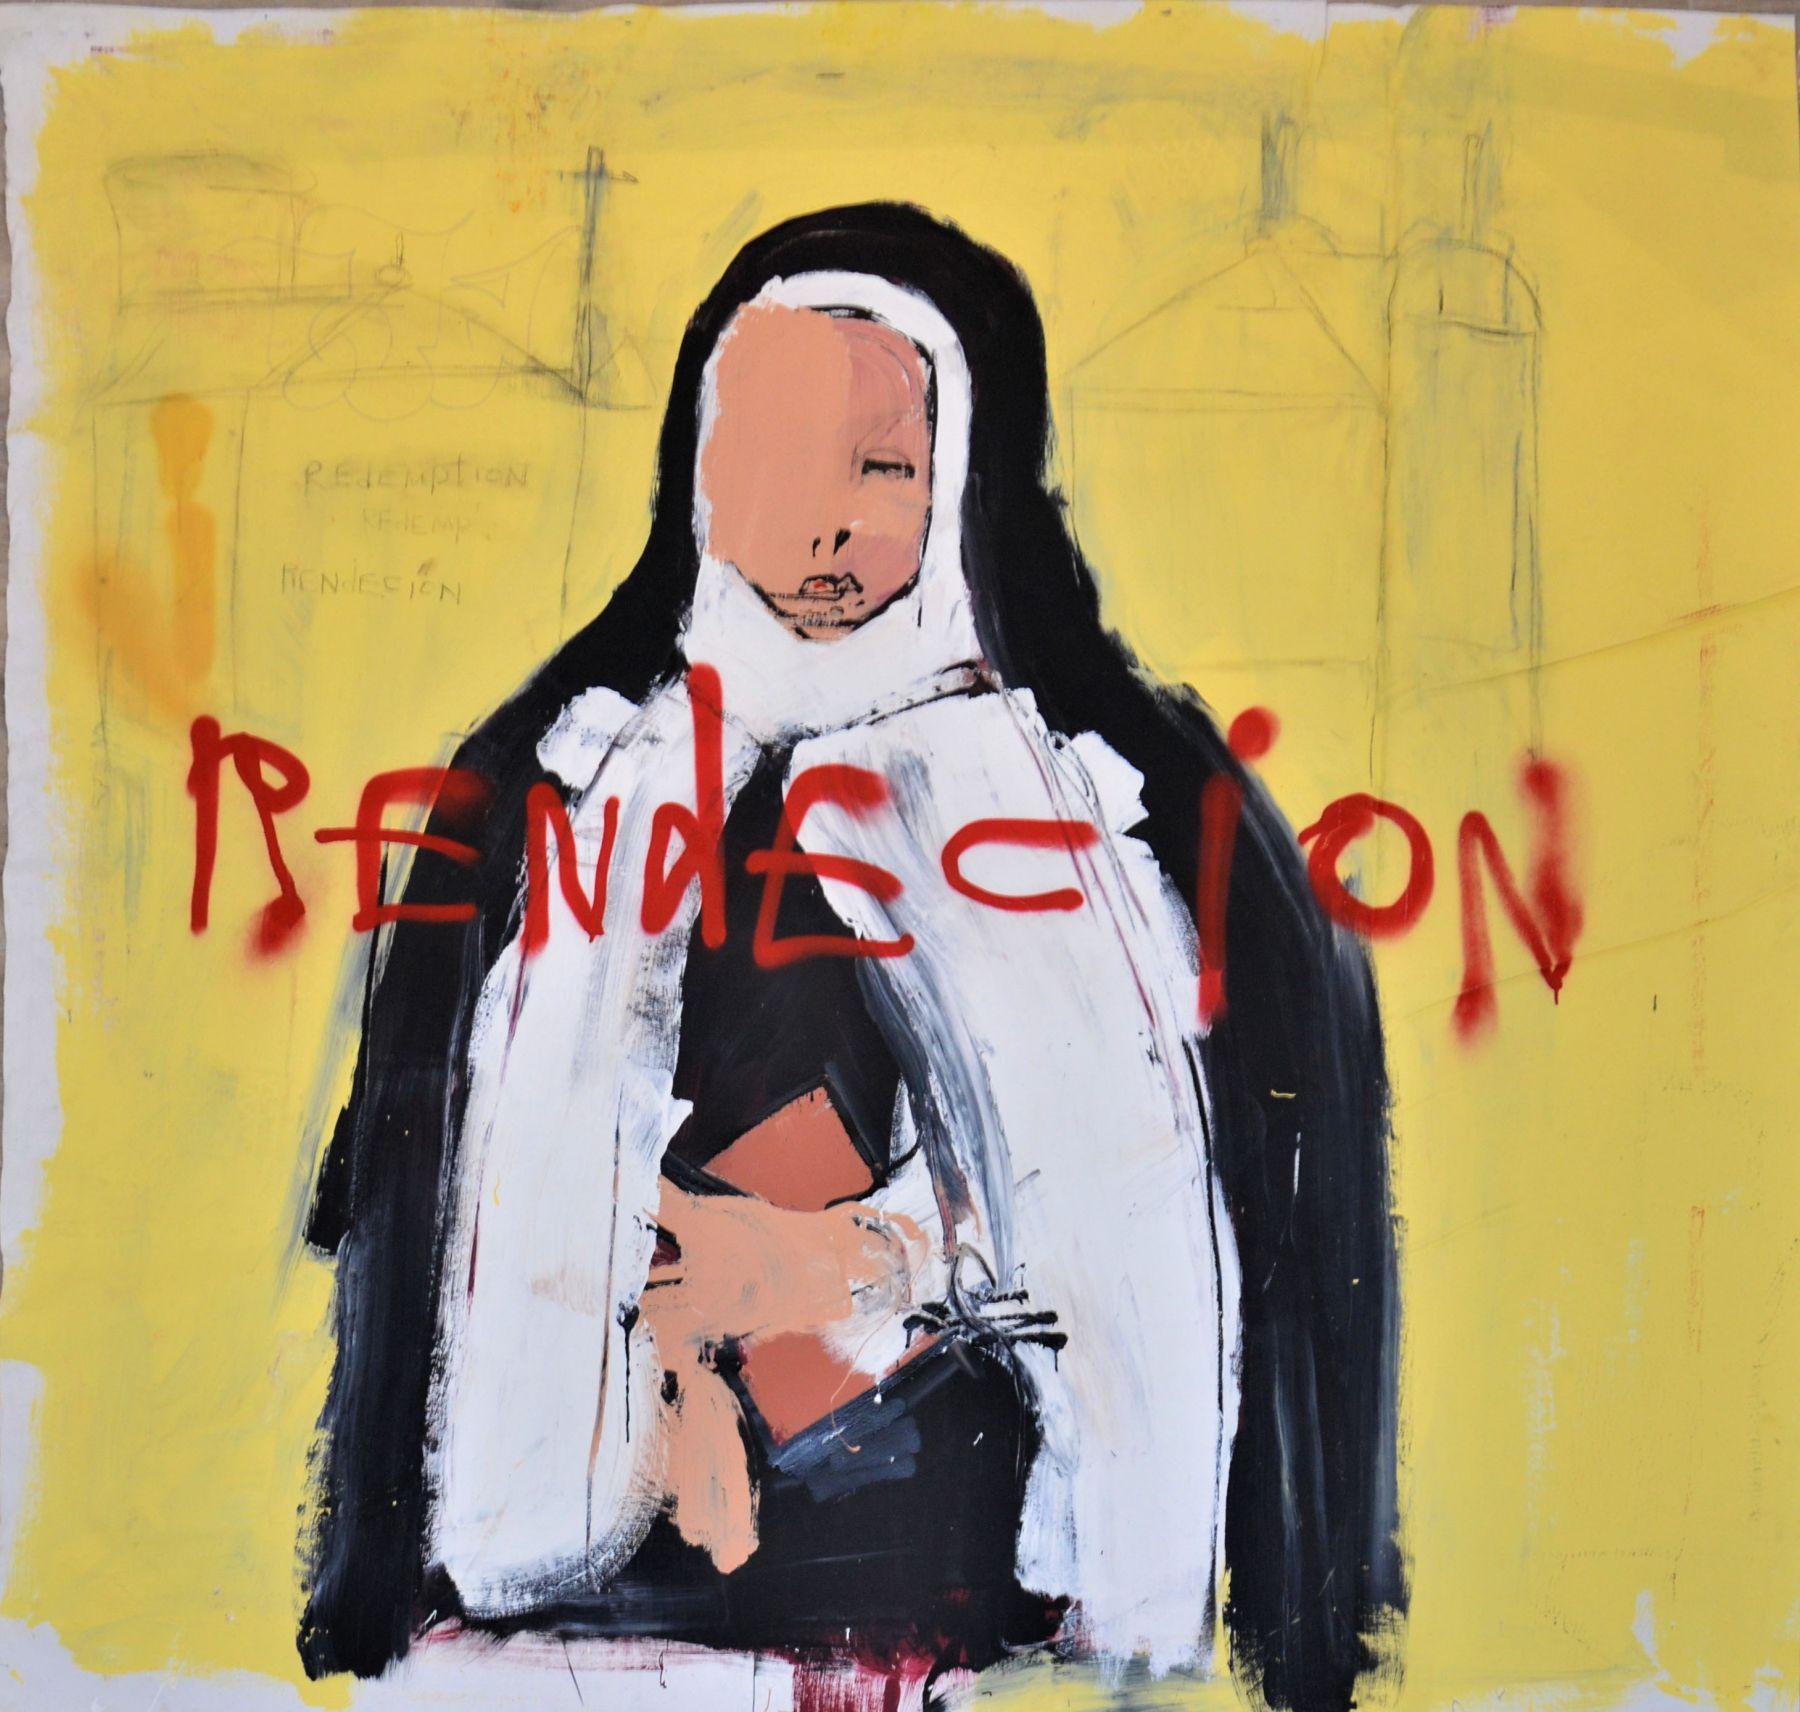 Redencion by Louis Carreon from Redención at Hg Contemporary Madrid